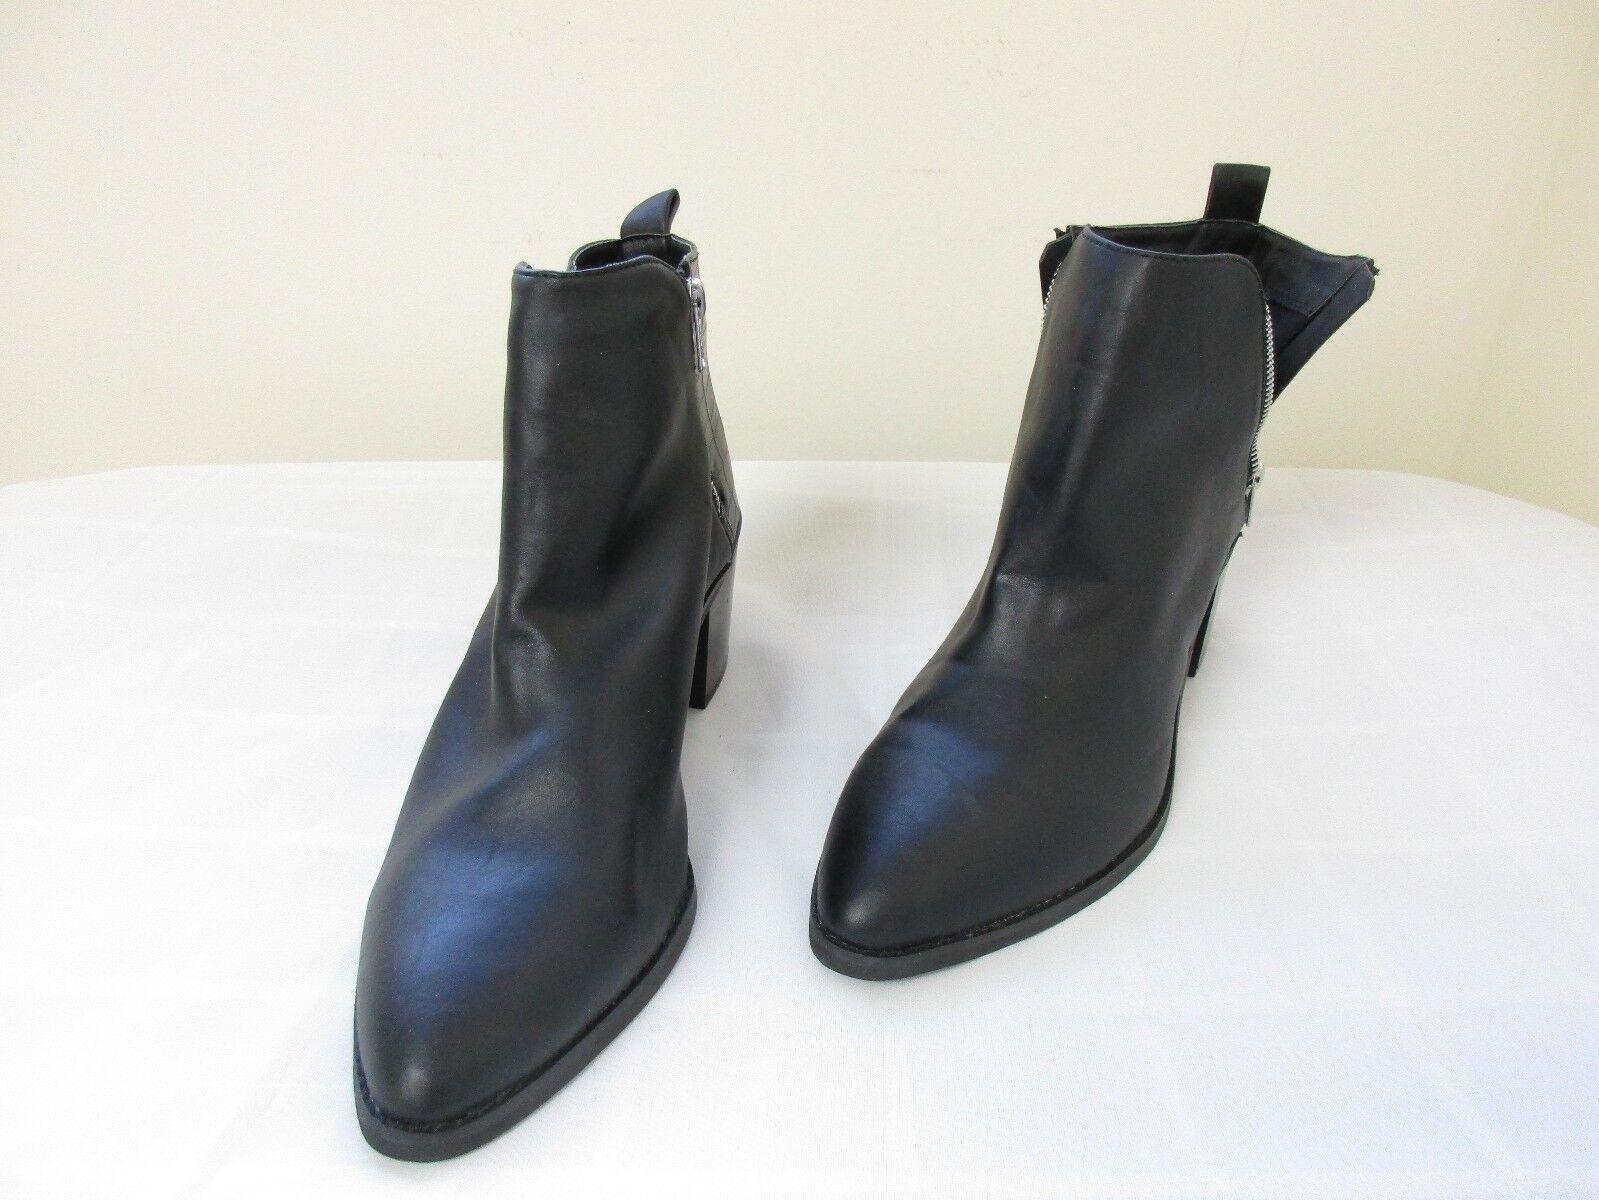 NEW Women's Bongo London Fashion Ankle Boots Side Zipper Med